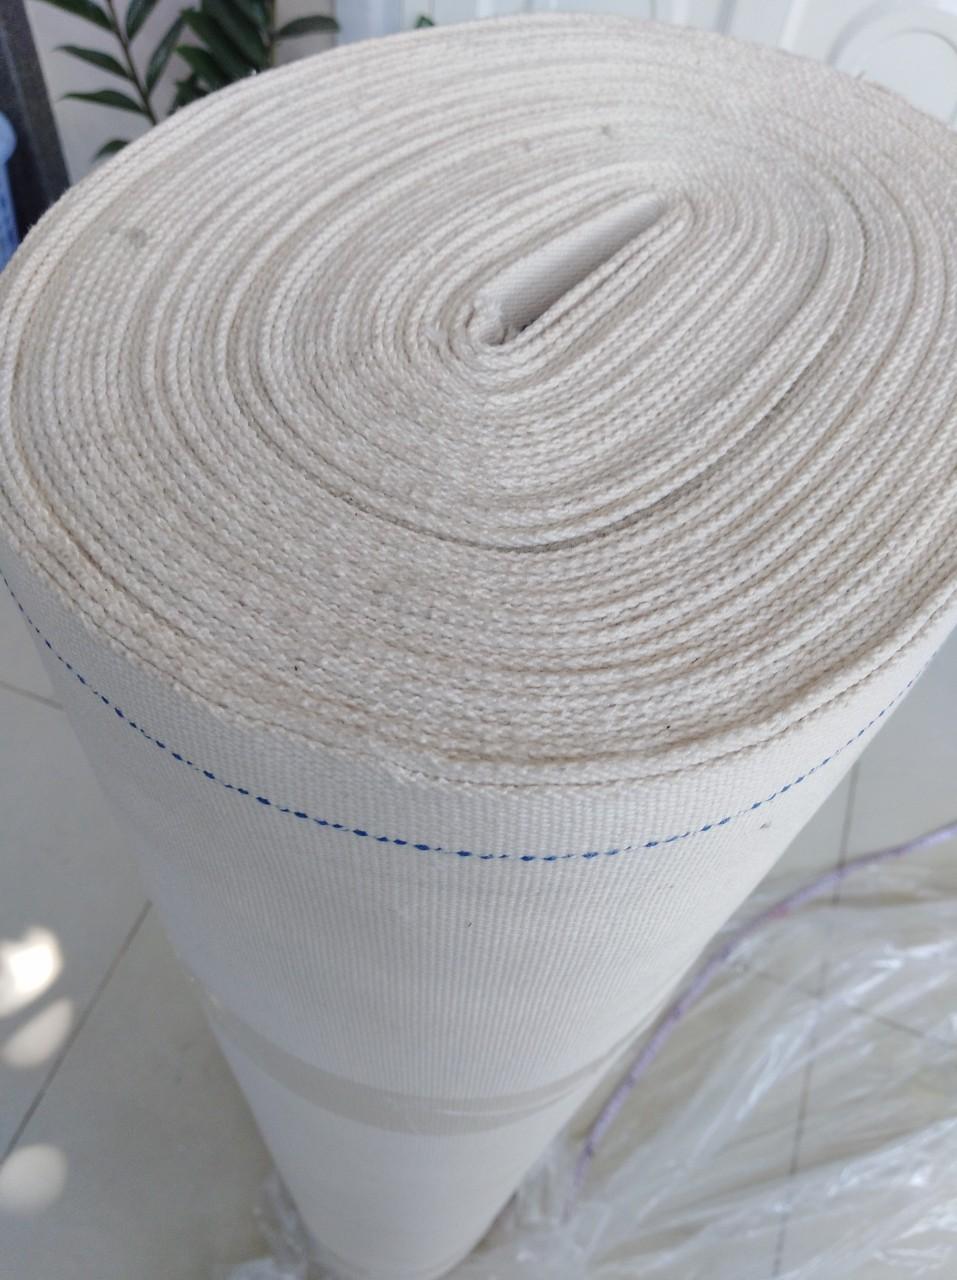 Băng tải Dạng Sợi Cotton Vải Sợi Chịu Nhiệt Chịu Dầu Dùng ngành làm Bánh - Ngành Bao Bì